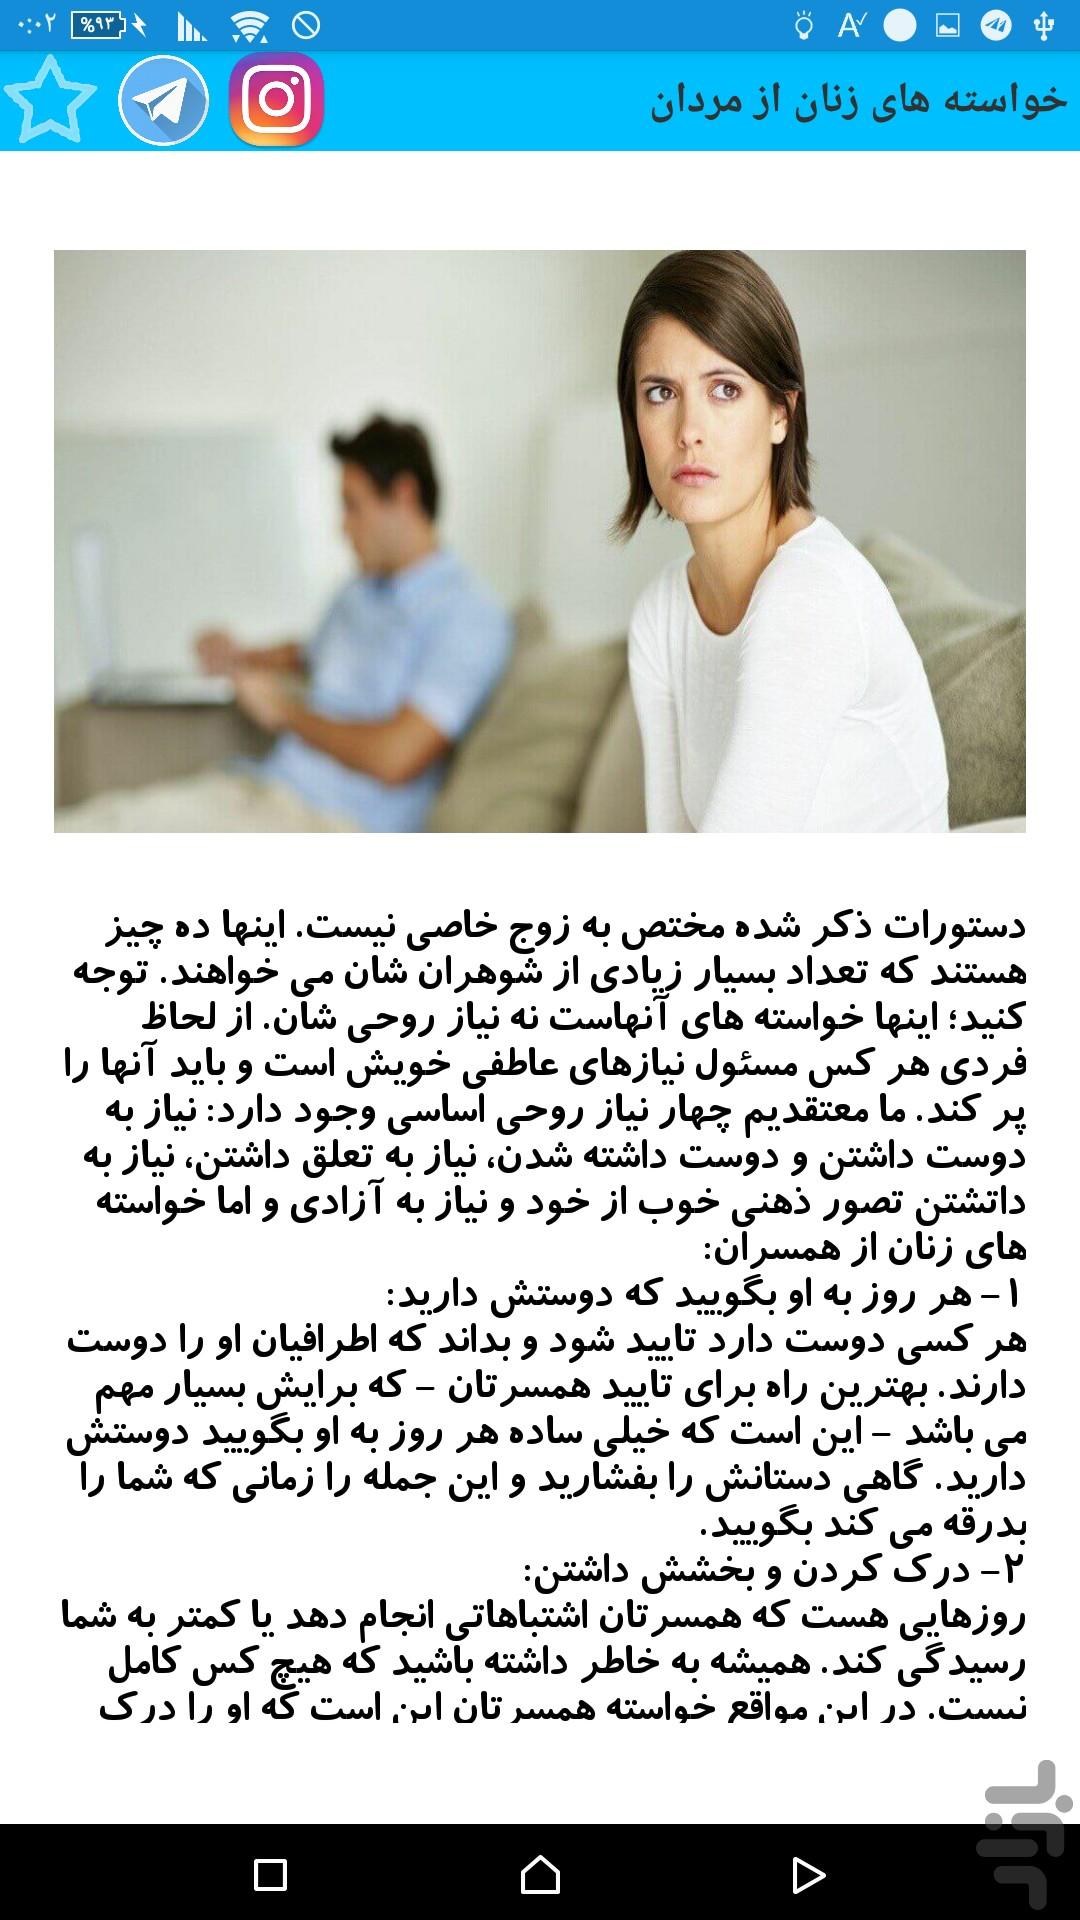 marital relations